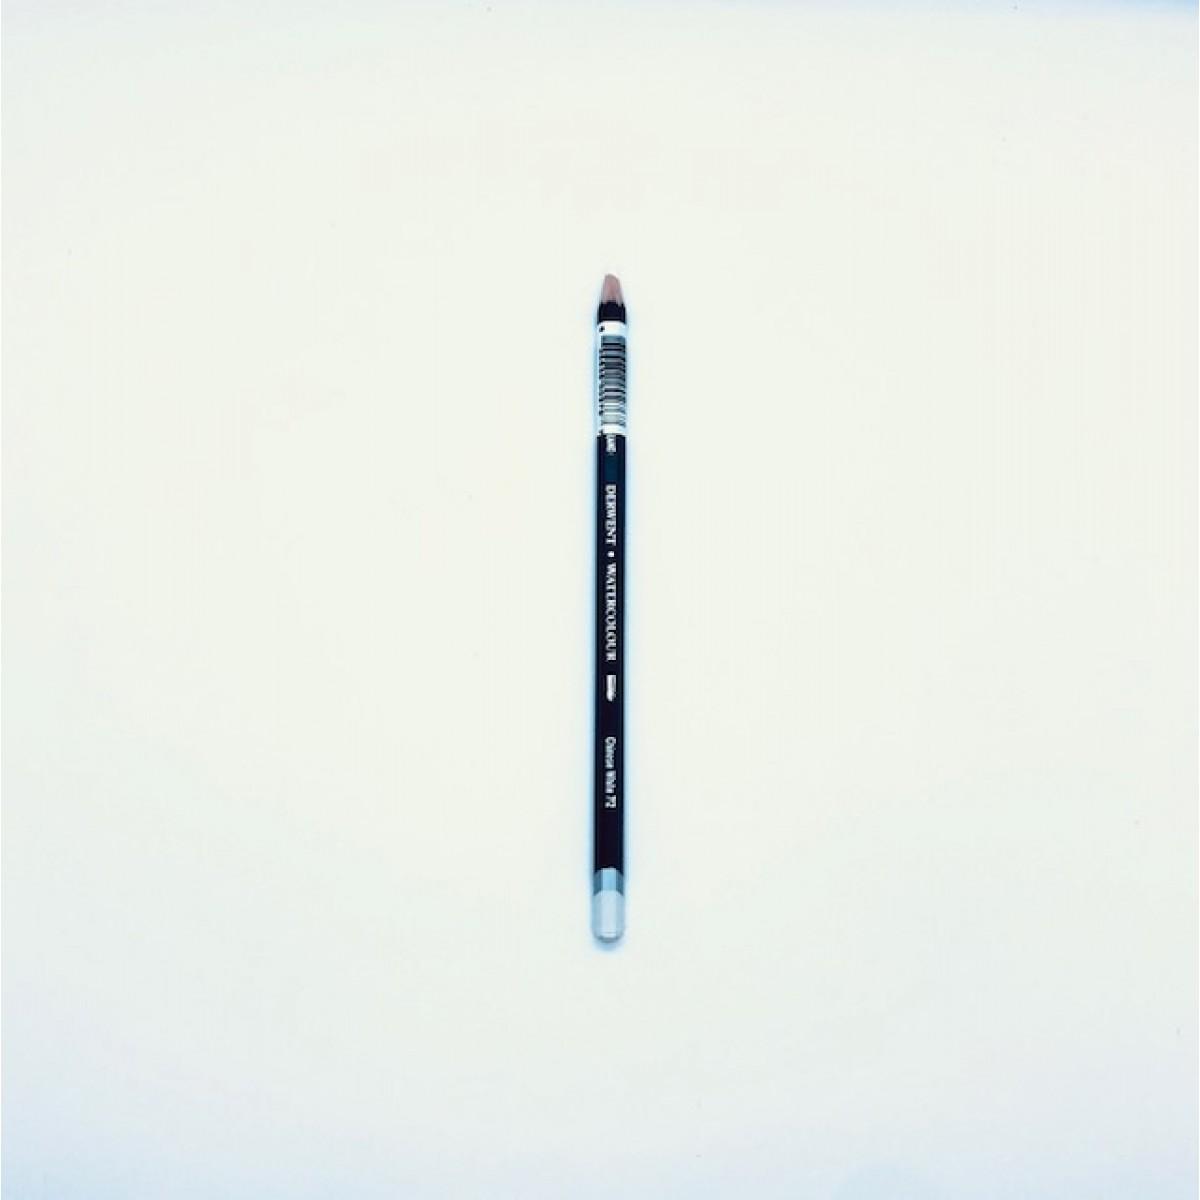 Derwent akvarel blyant, hvid